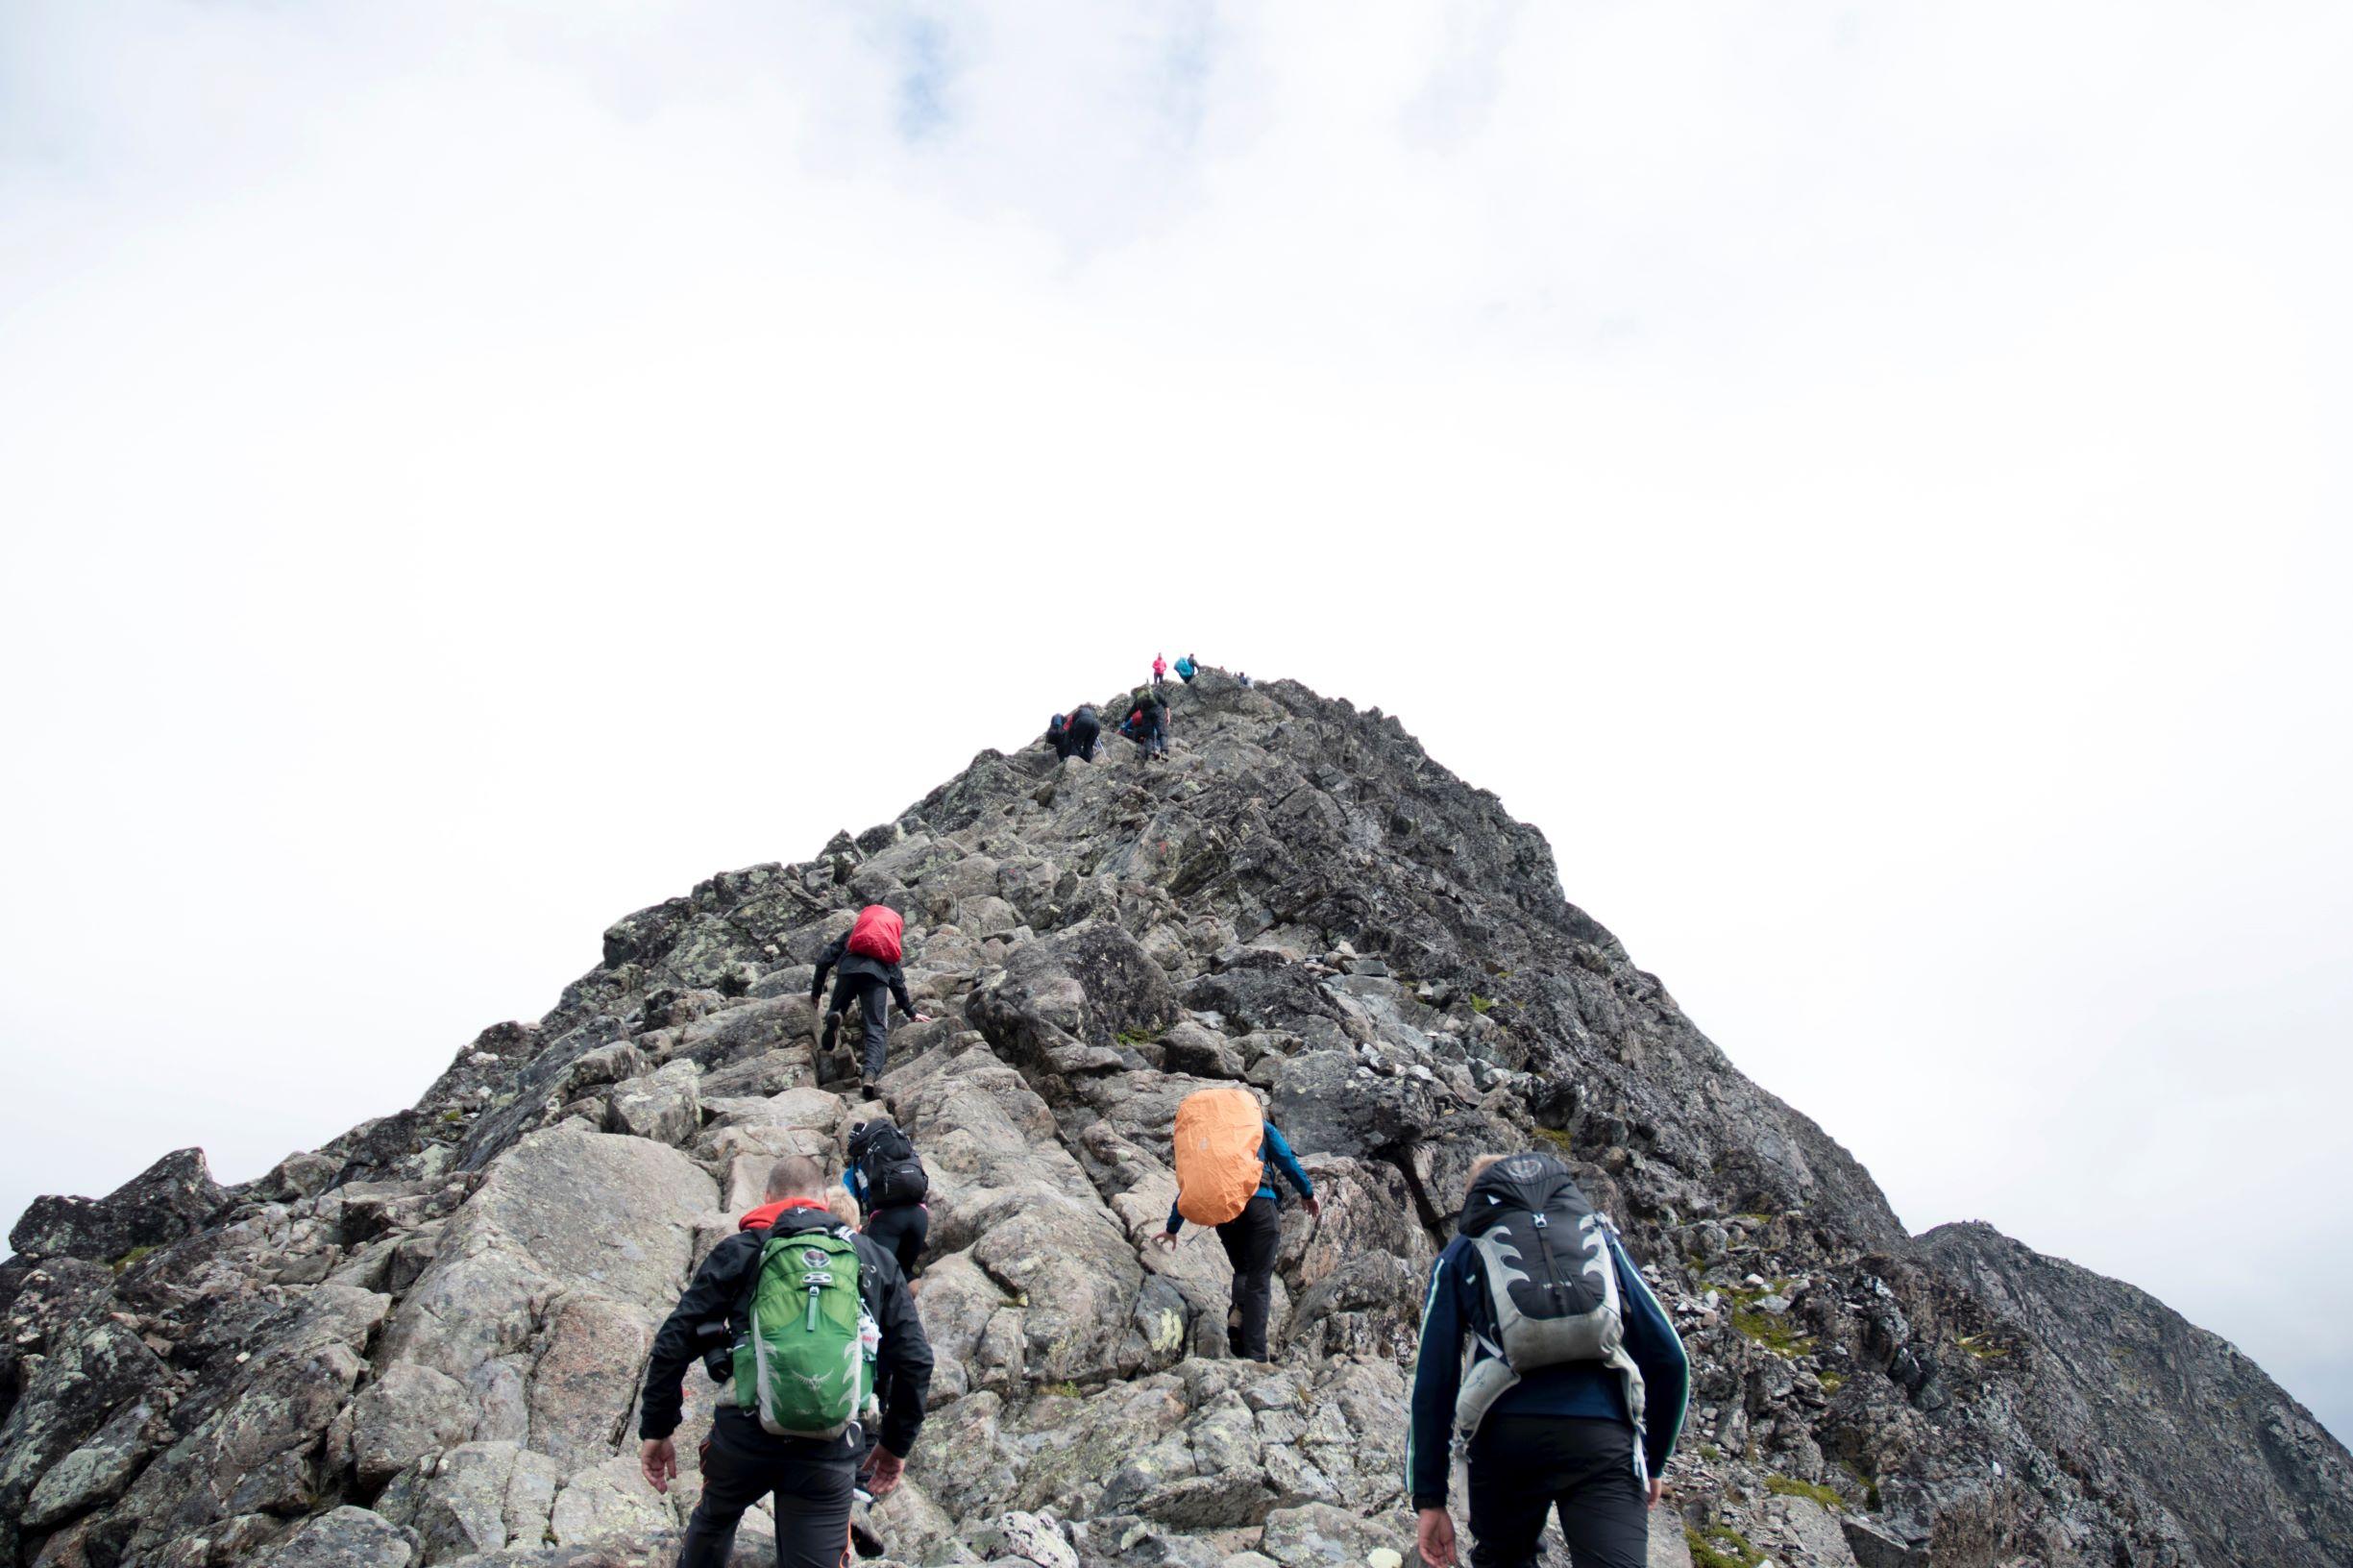 Team climbing the mountain Mathias Jensen